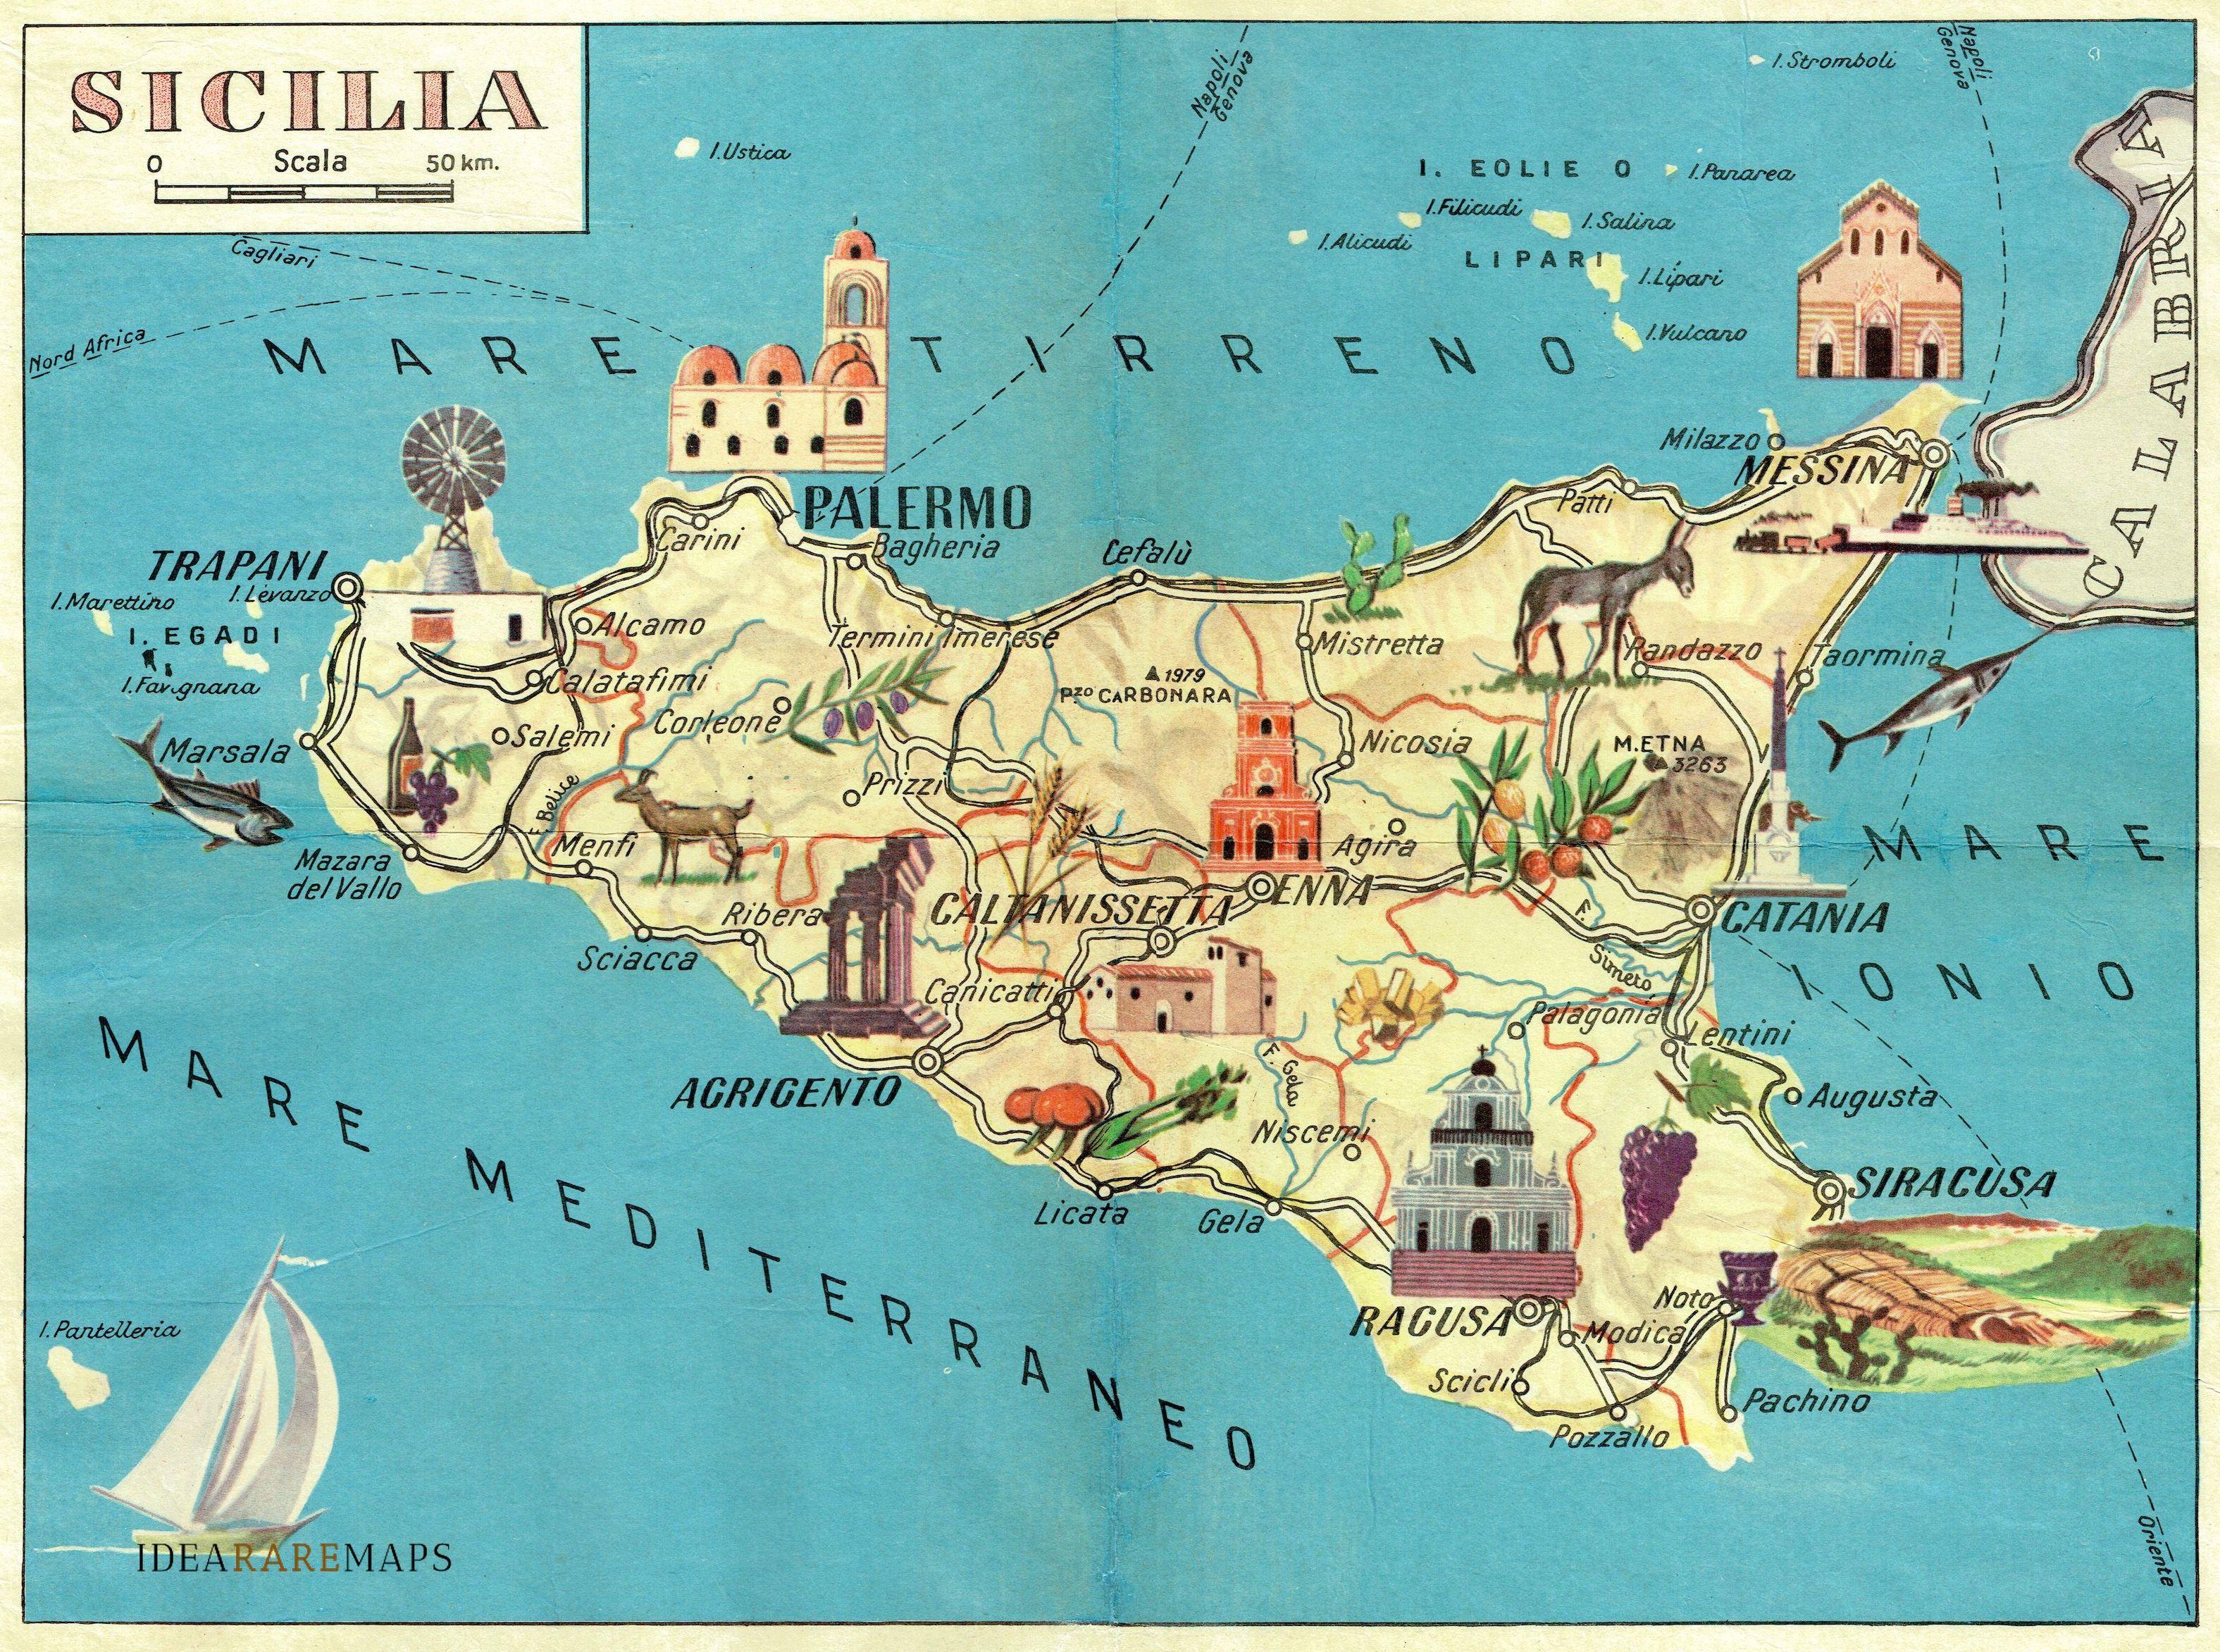 Immagini Cartina Della Sicilia.Carta Geografica Pittoresca Della Sicilia Idea Rare Maps